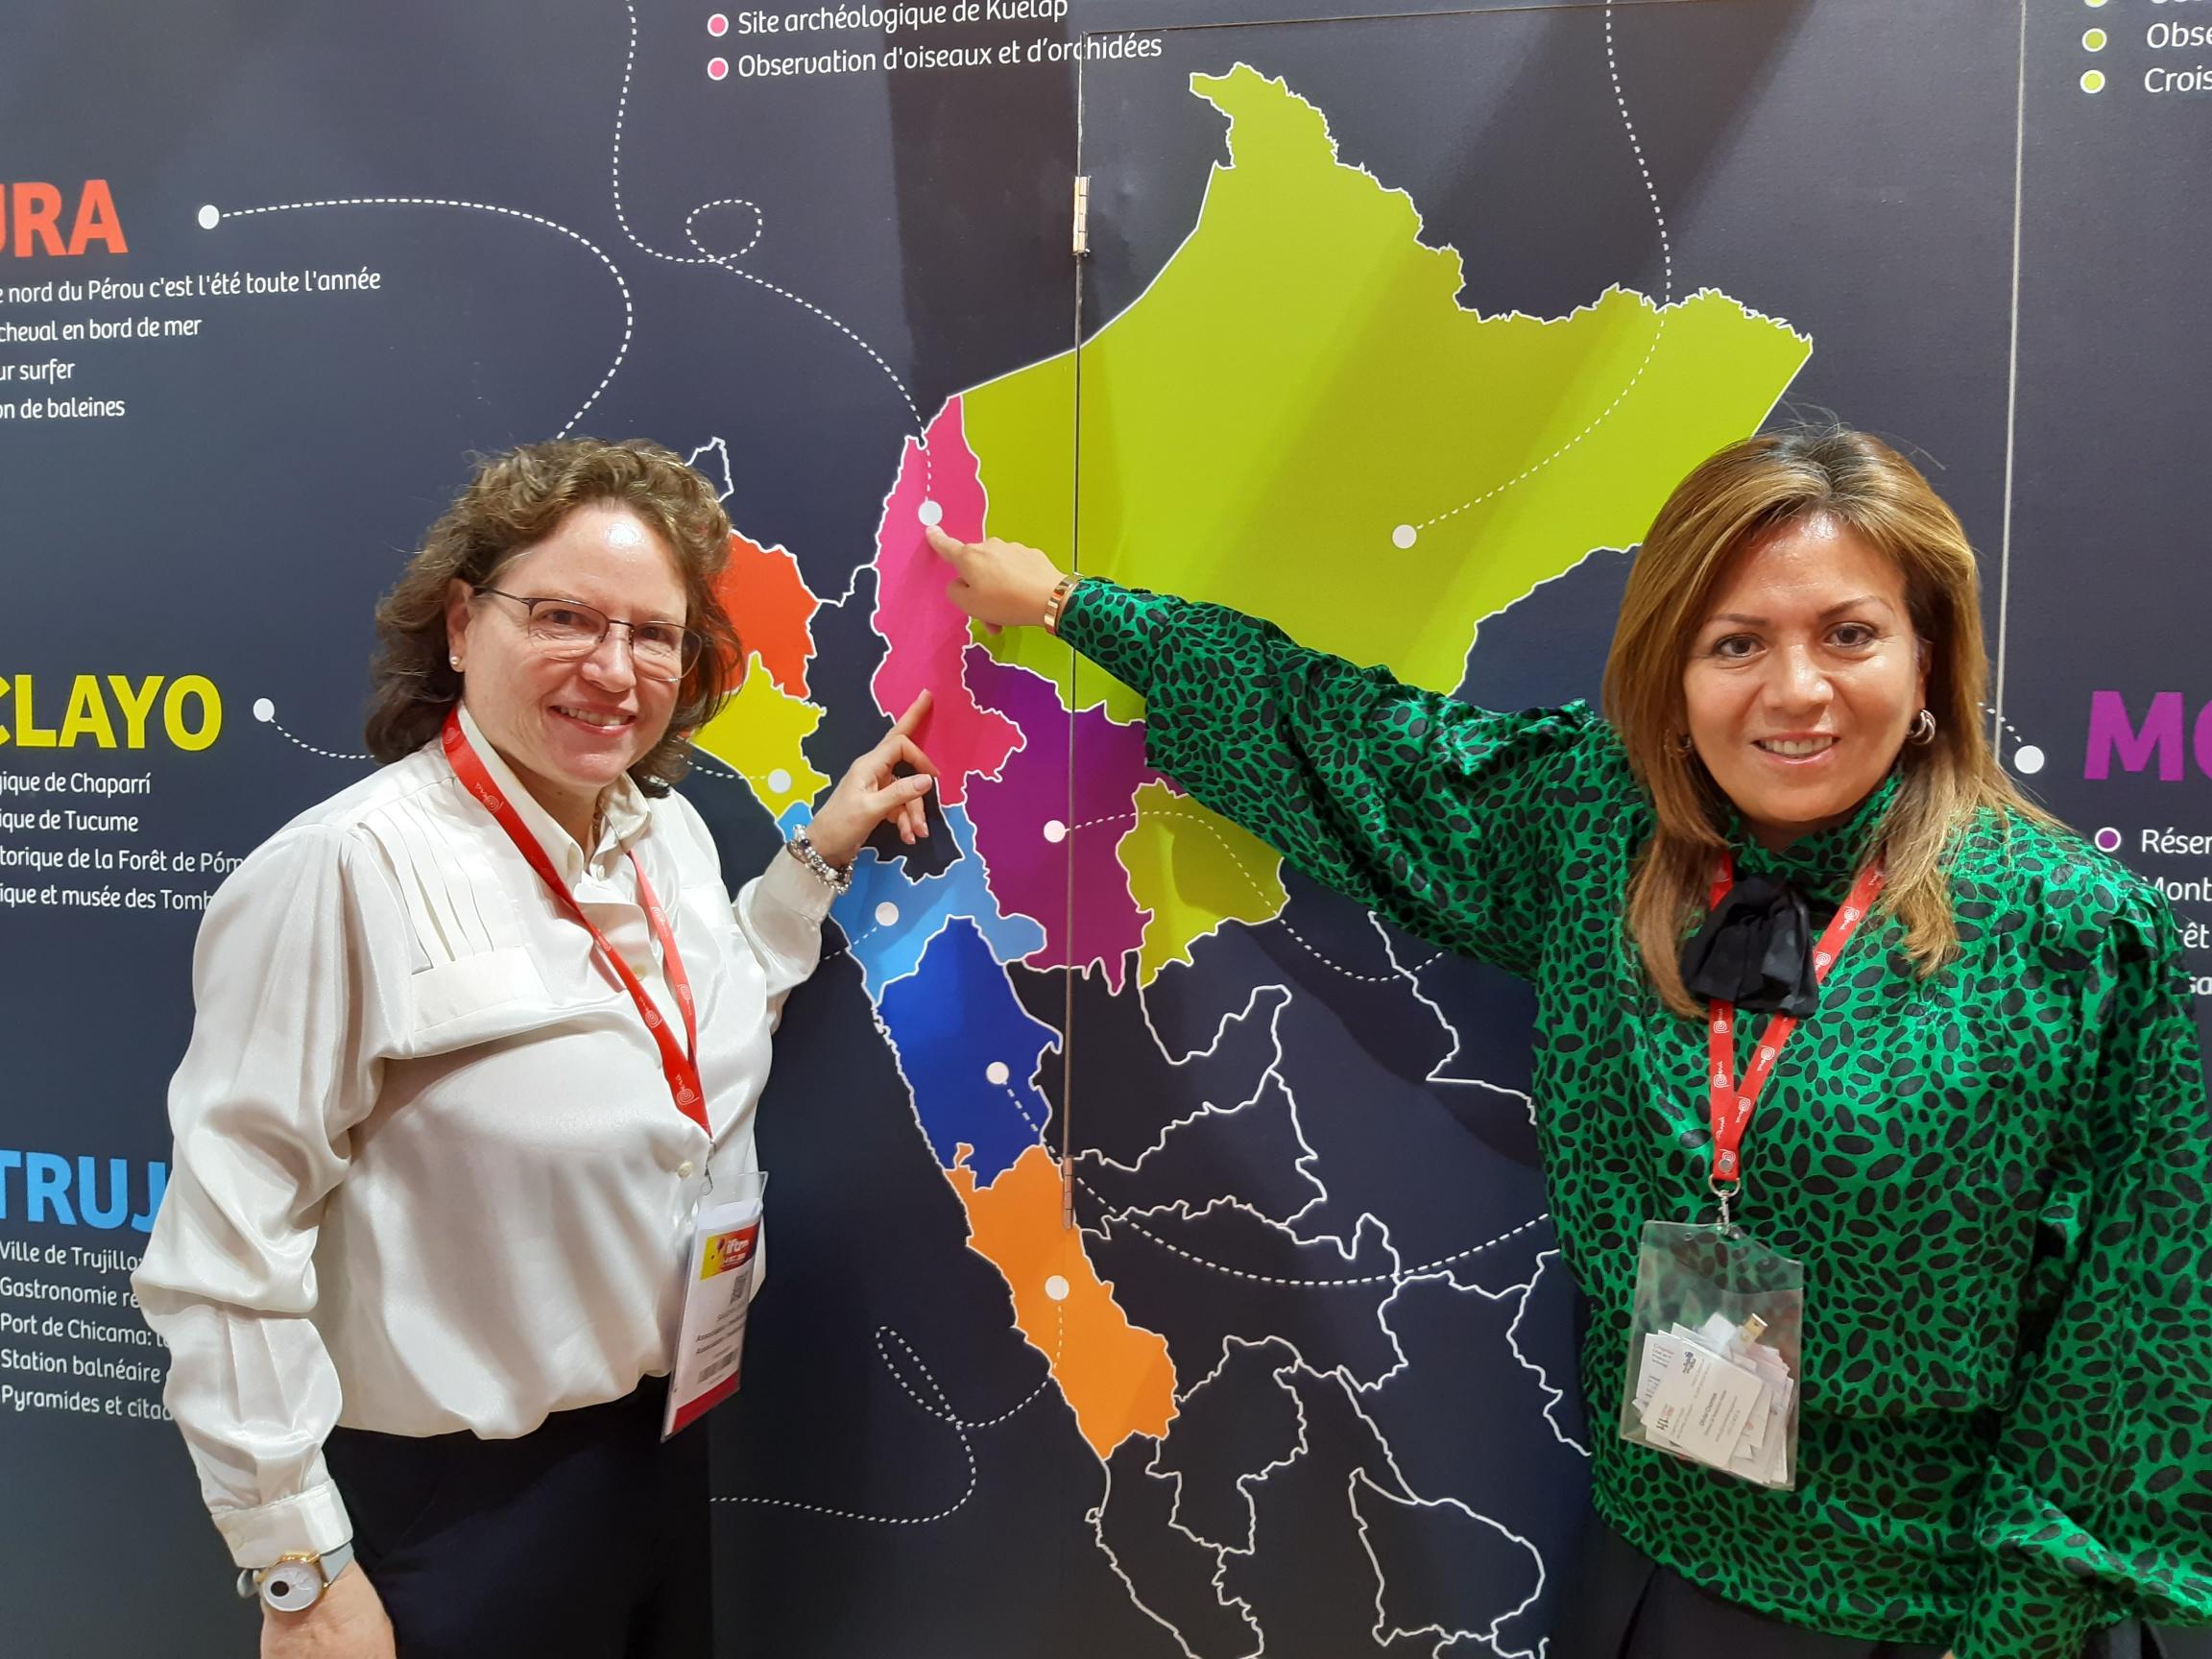 Devant la carte du Pérou, Sandra Doig Alberdi (à gauche) directrice adjointe du Tourisme du Pérou qui a fait le voyage de Lima et Rosario Pajuelo qui ouvre un nouveau bureau à Paris, au 120 Champs Elysées. Elles désignent le nord  du Pérou, moins visité par le marché français mais, à les entendre, particulièrement attractif - DR : M.S.